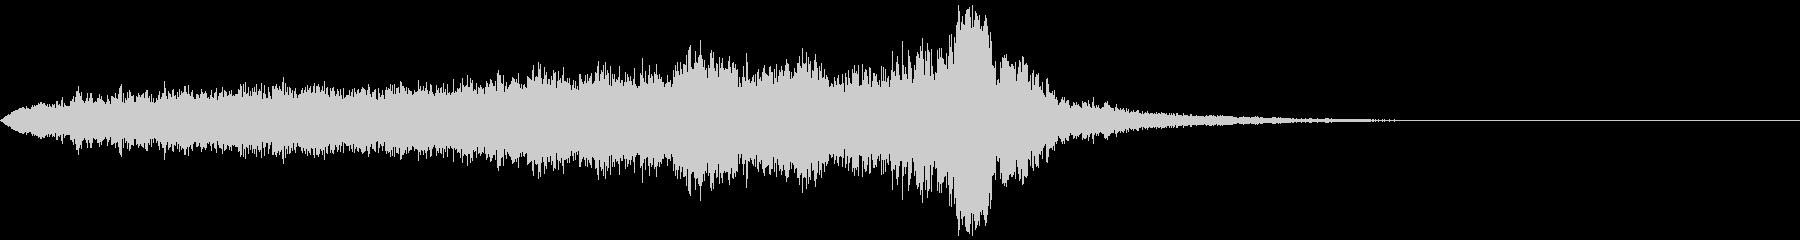 【ホラーゲーム】サウンドスケイプ_01の未再生の波形